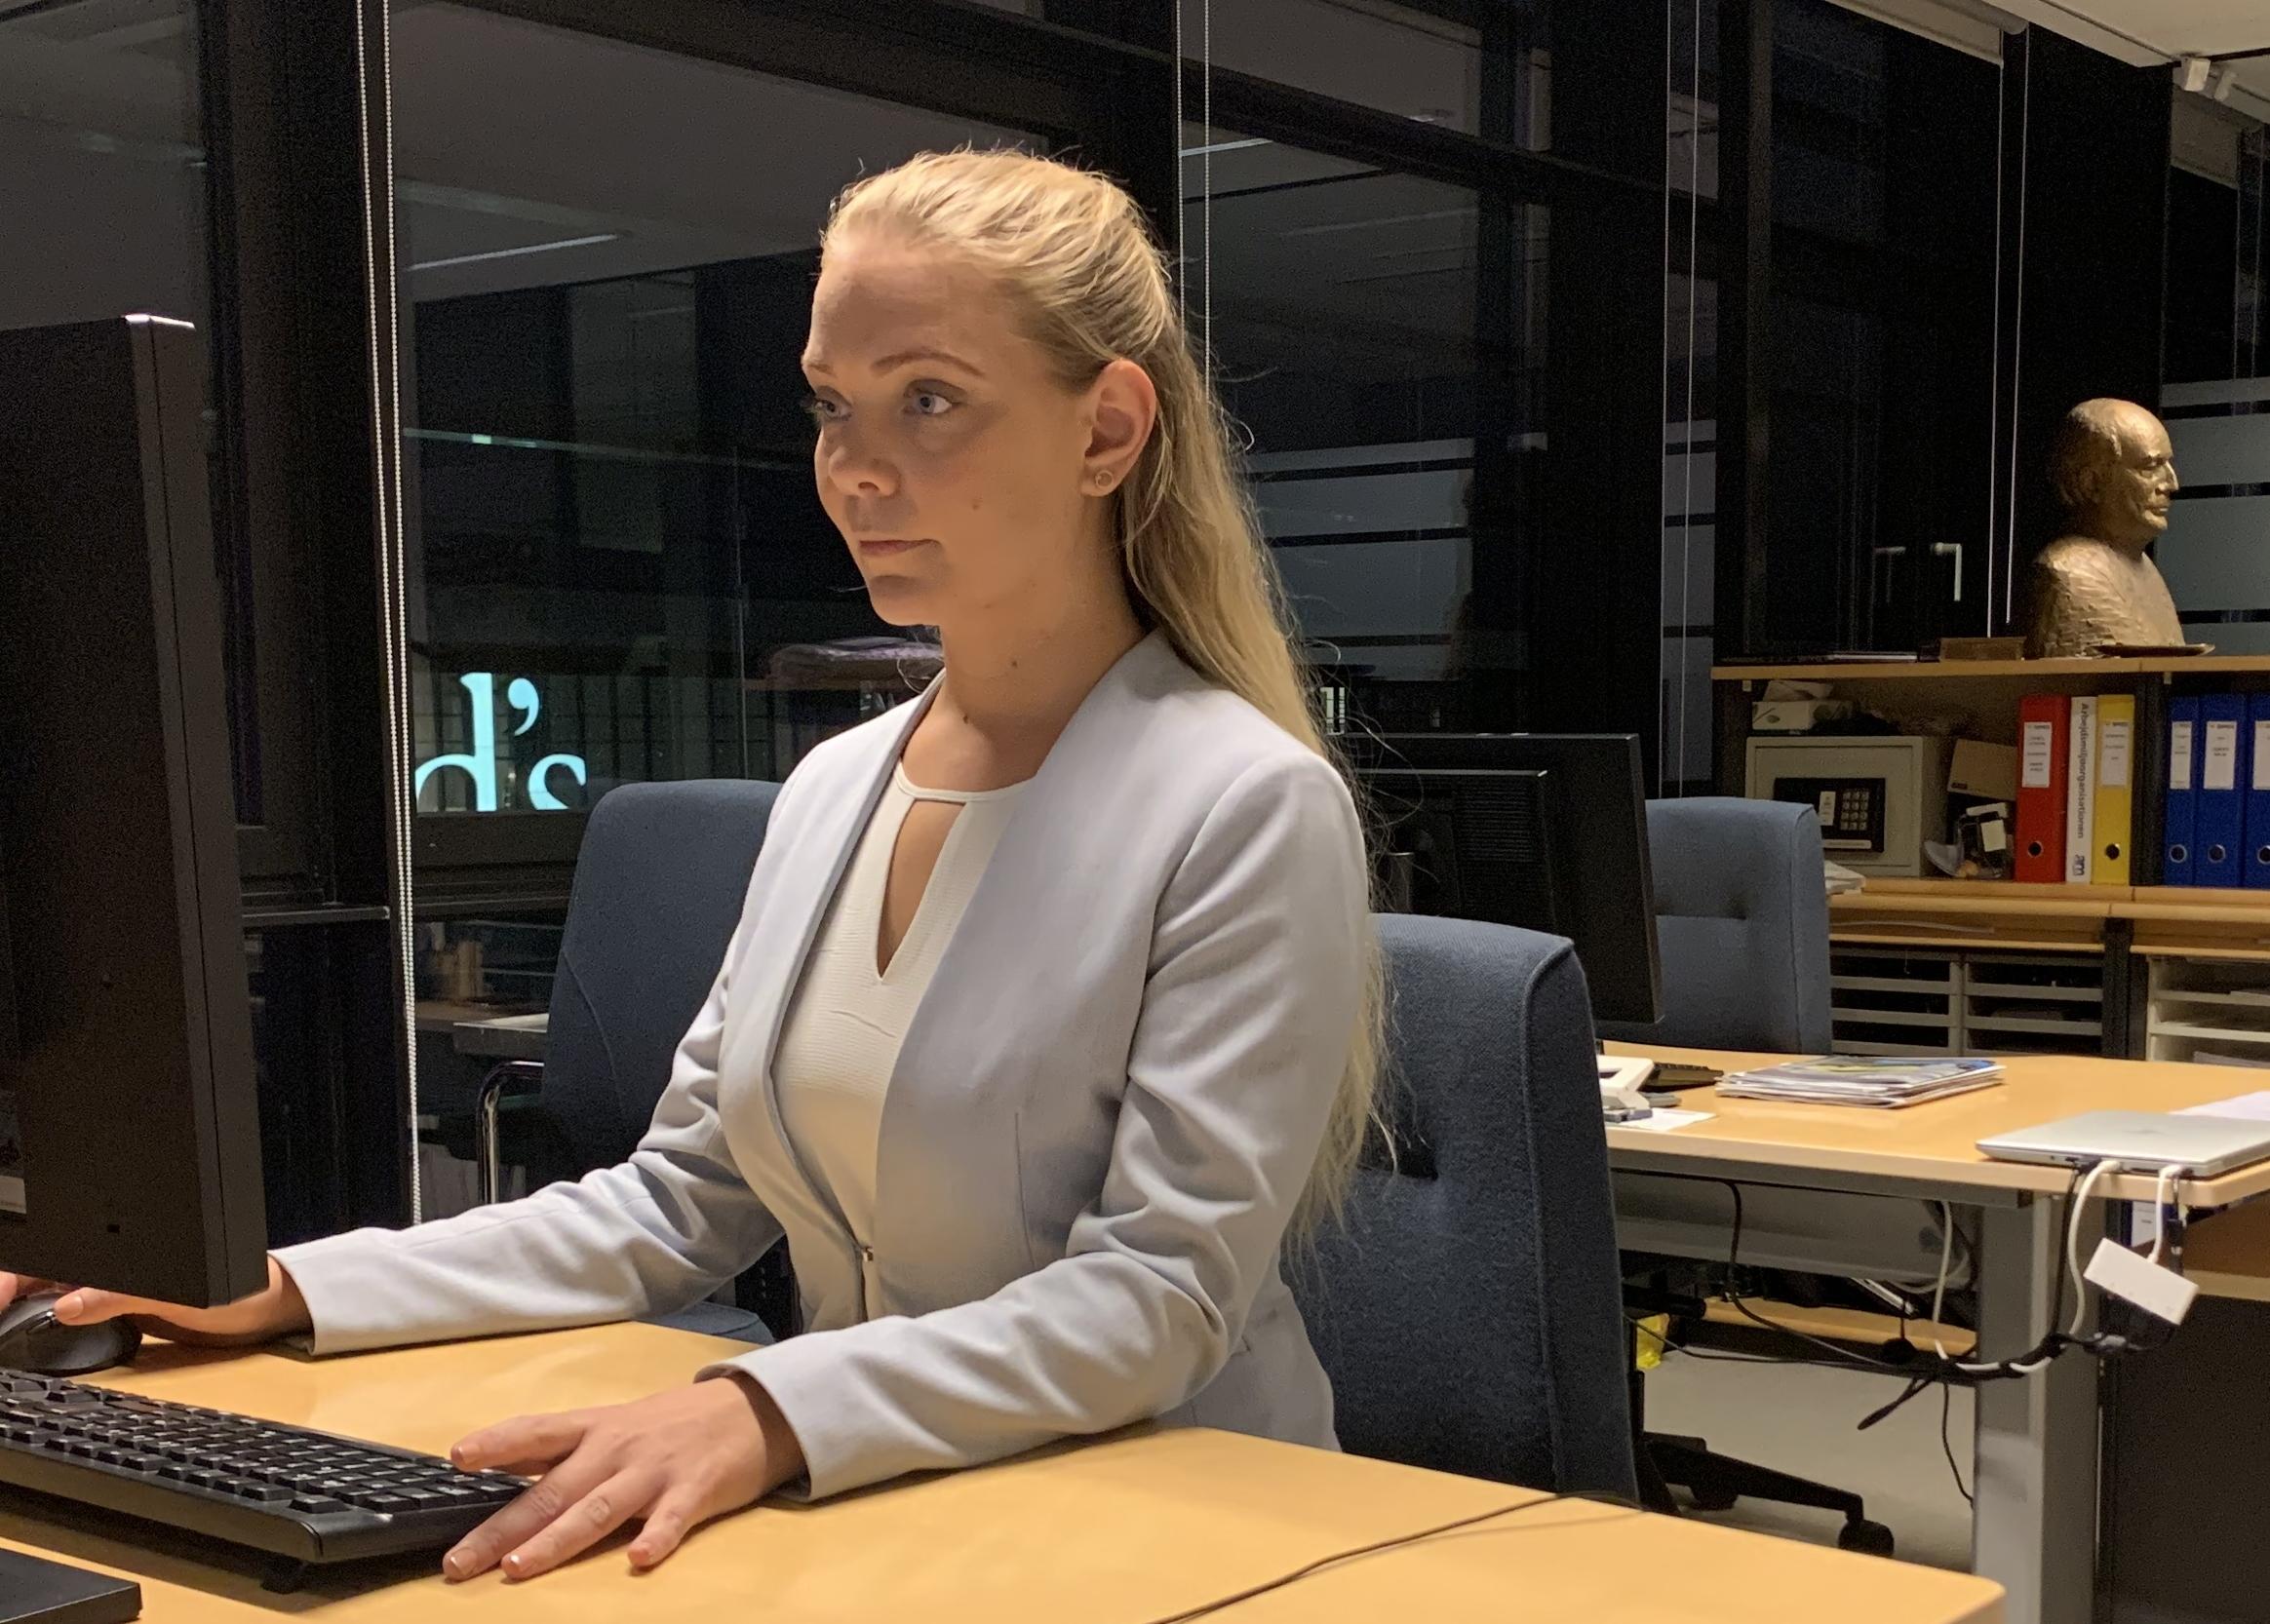 Sara Maras på arbejde i Spies' hovedkvarter i Ørestad i København. Bagest til højre anes en buste med Simon Spies, grundlæggeren af hvad der i dag er Danmarks største charterrejsebureau. Foto: Spies.